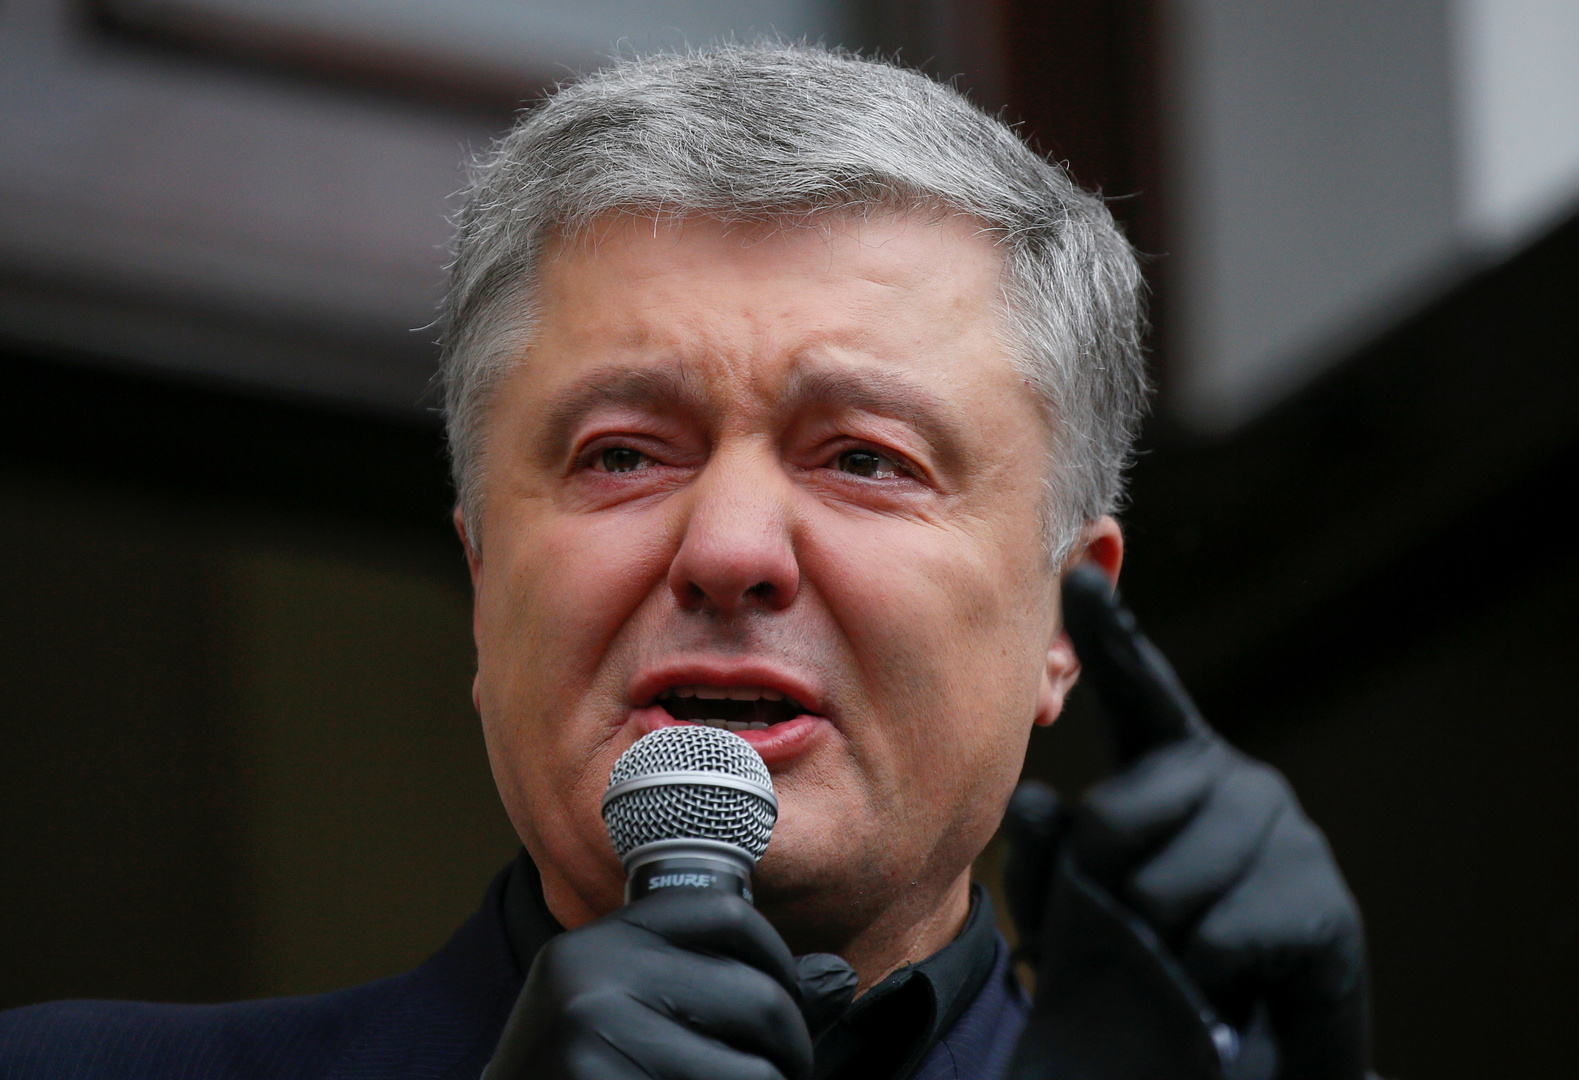 الرئيس الأوكراني السابق، بيترو بوروشينكو.